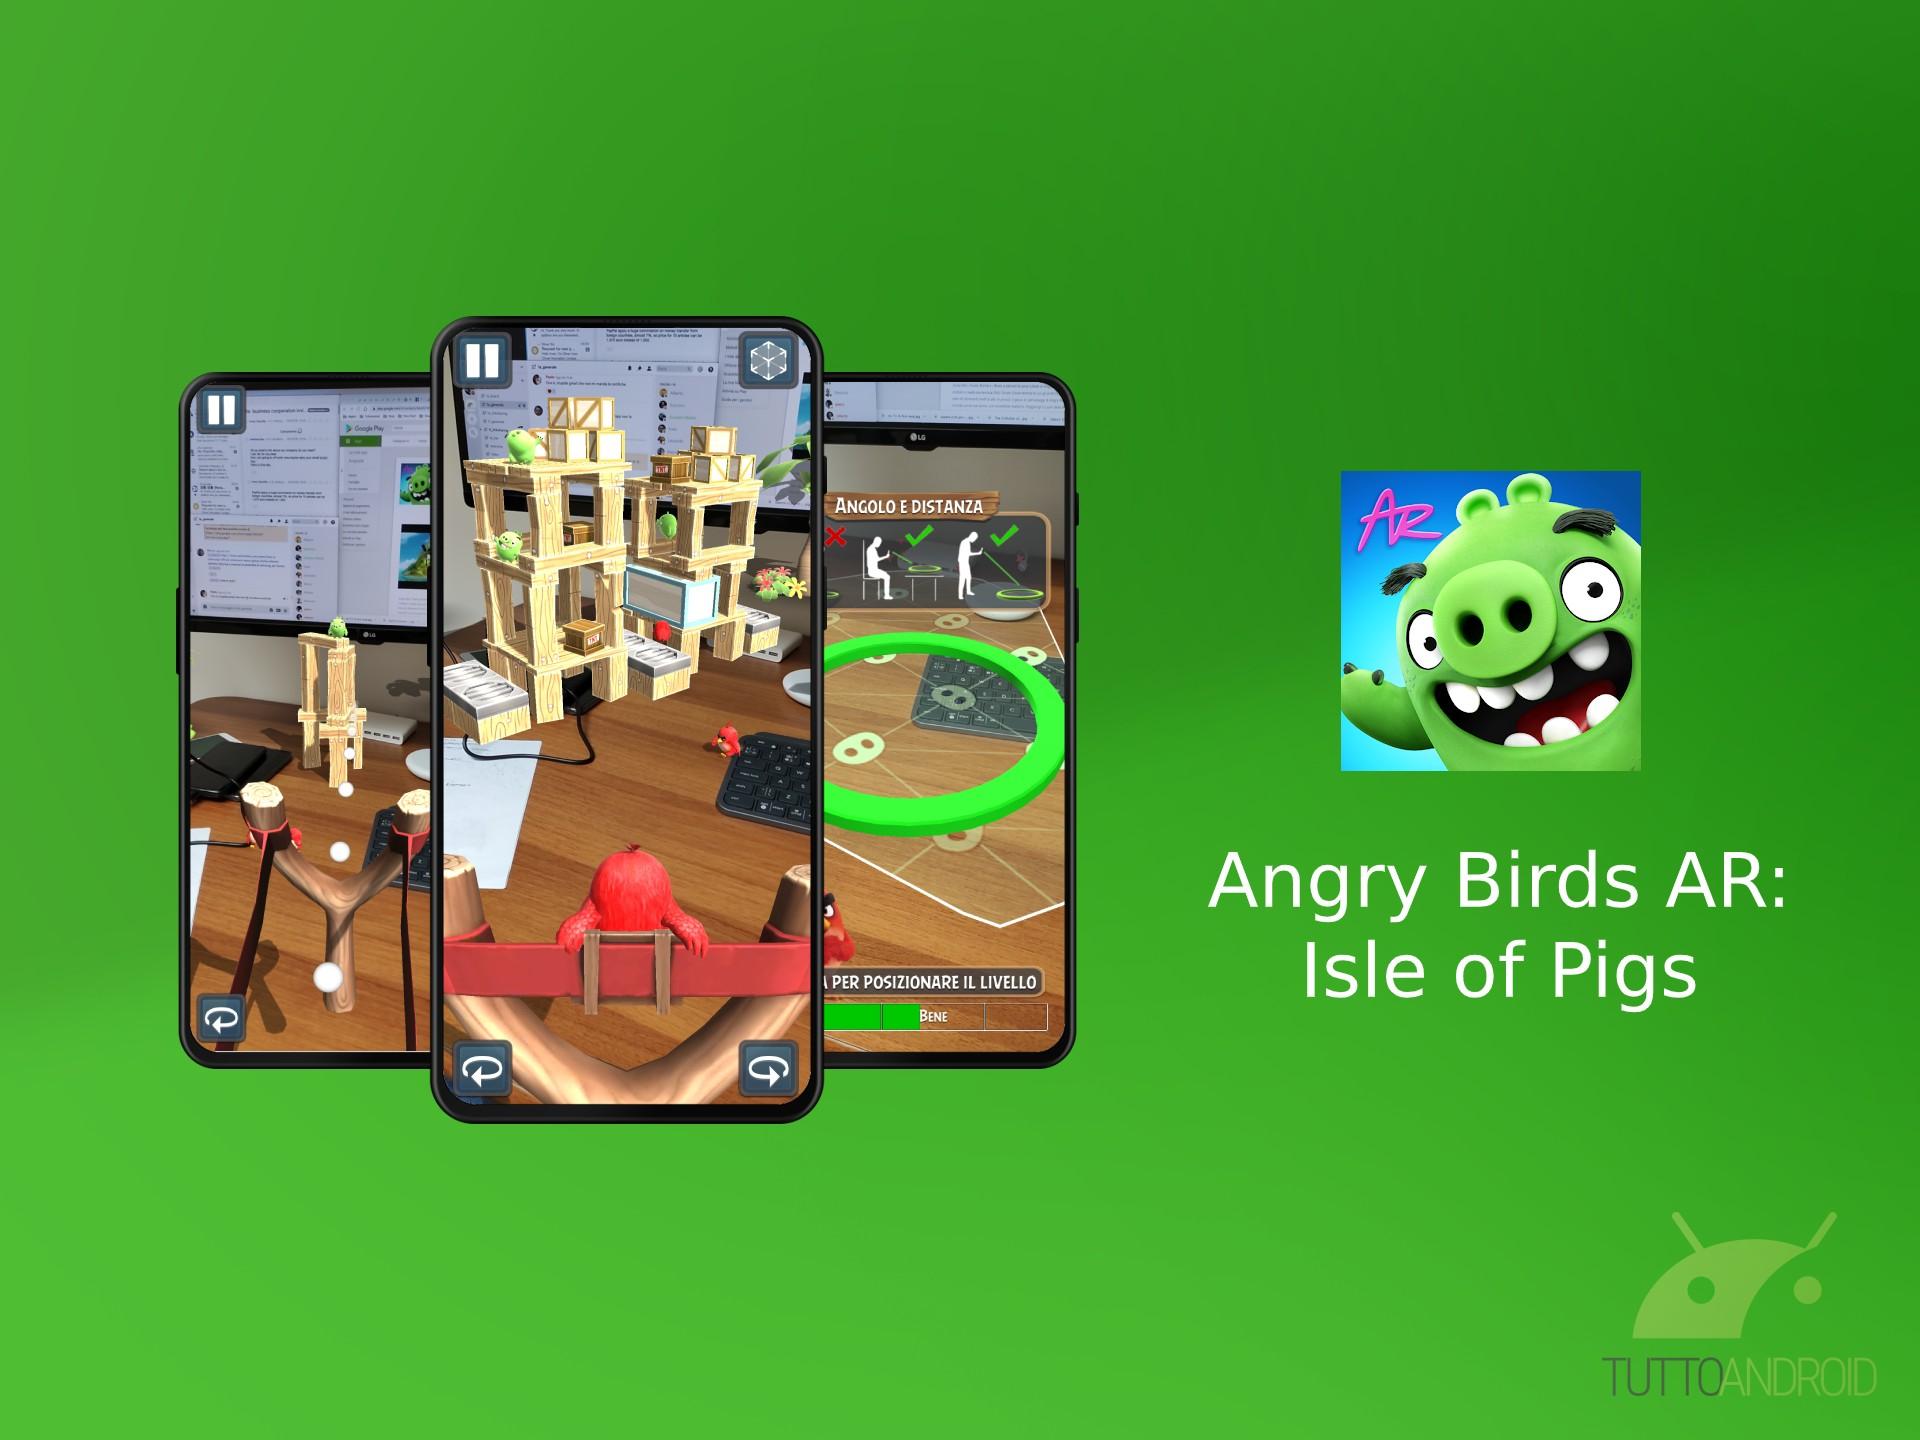 Angry Birds AR: Isle of Pigs arriva su Android con un gameplay tutto nuovo grazie alla realtà aumentata